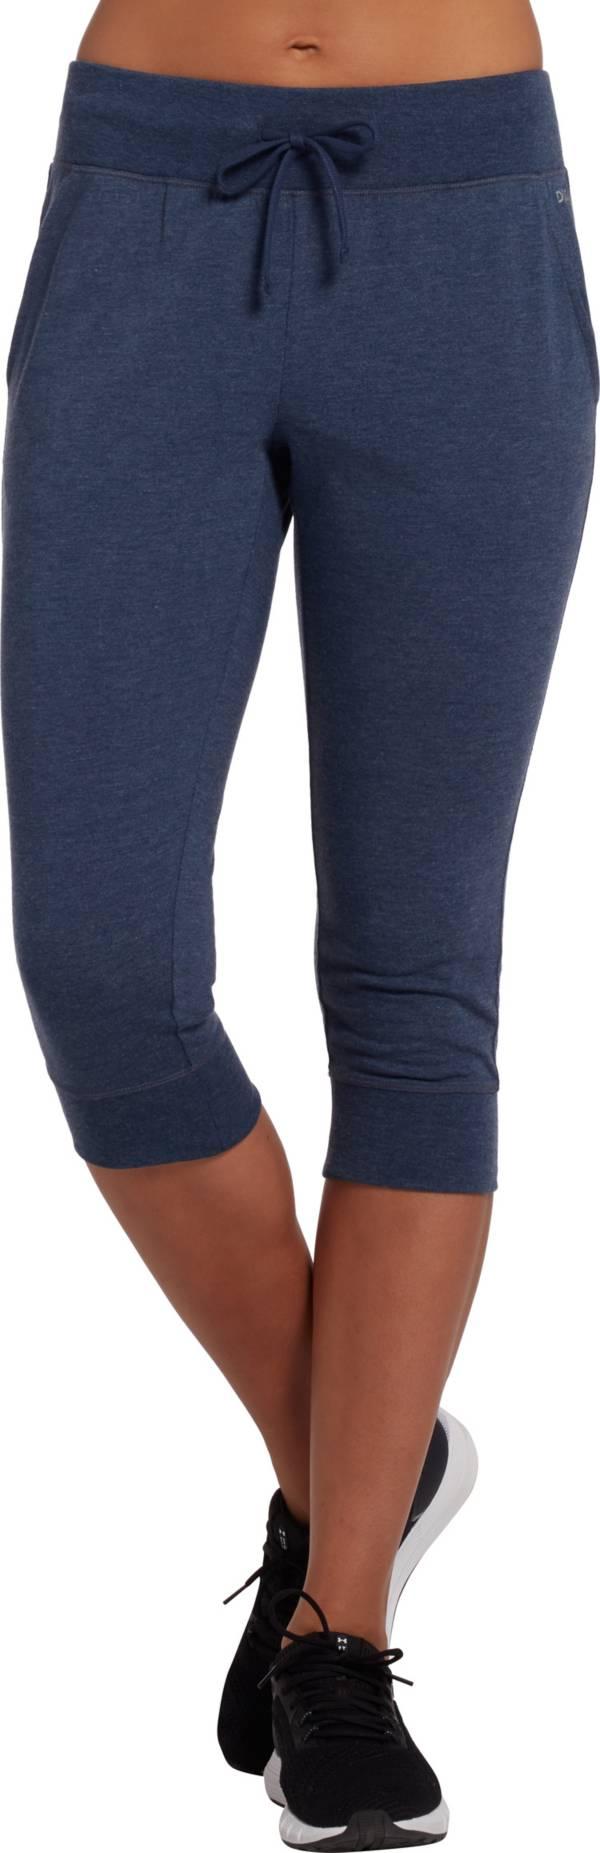 DSG Women's Cotton Jersey Jogger Capris product image